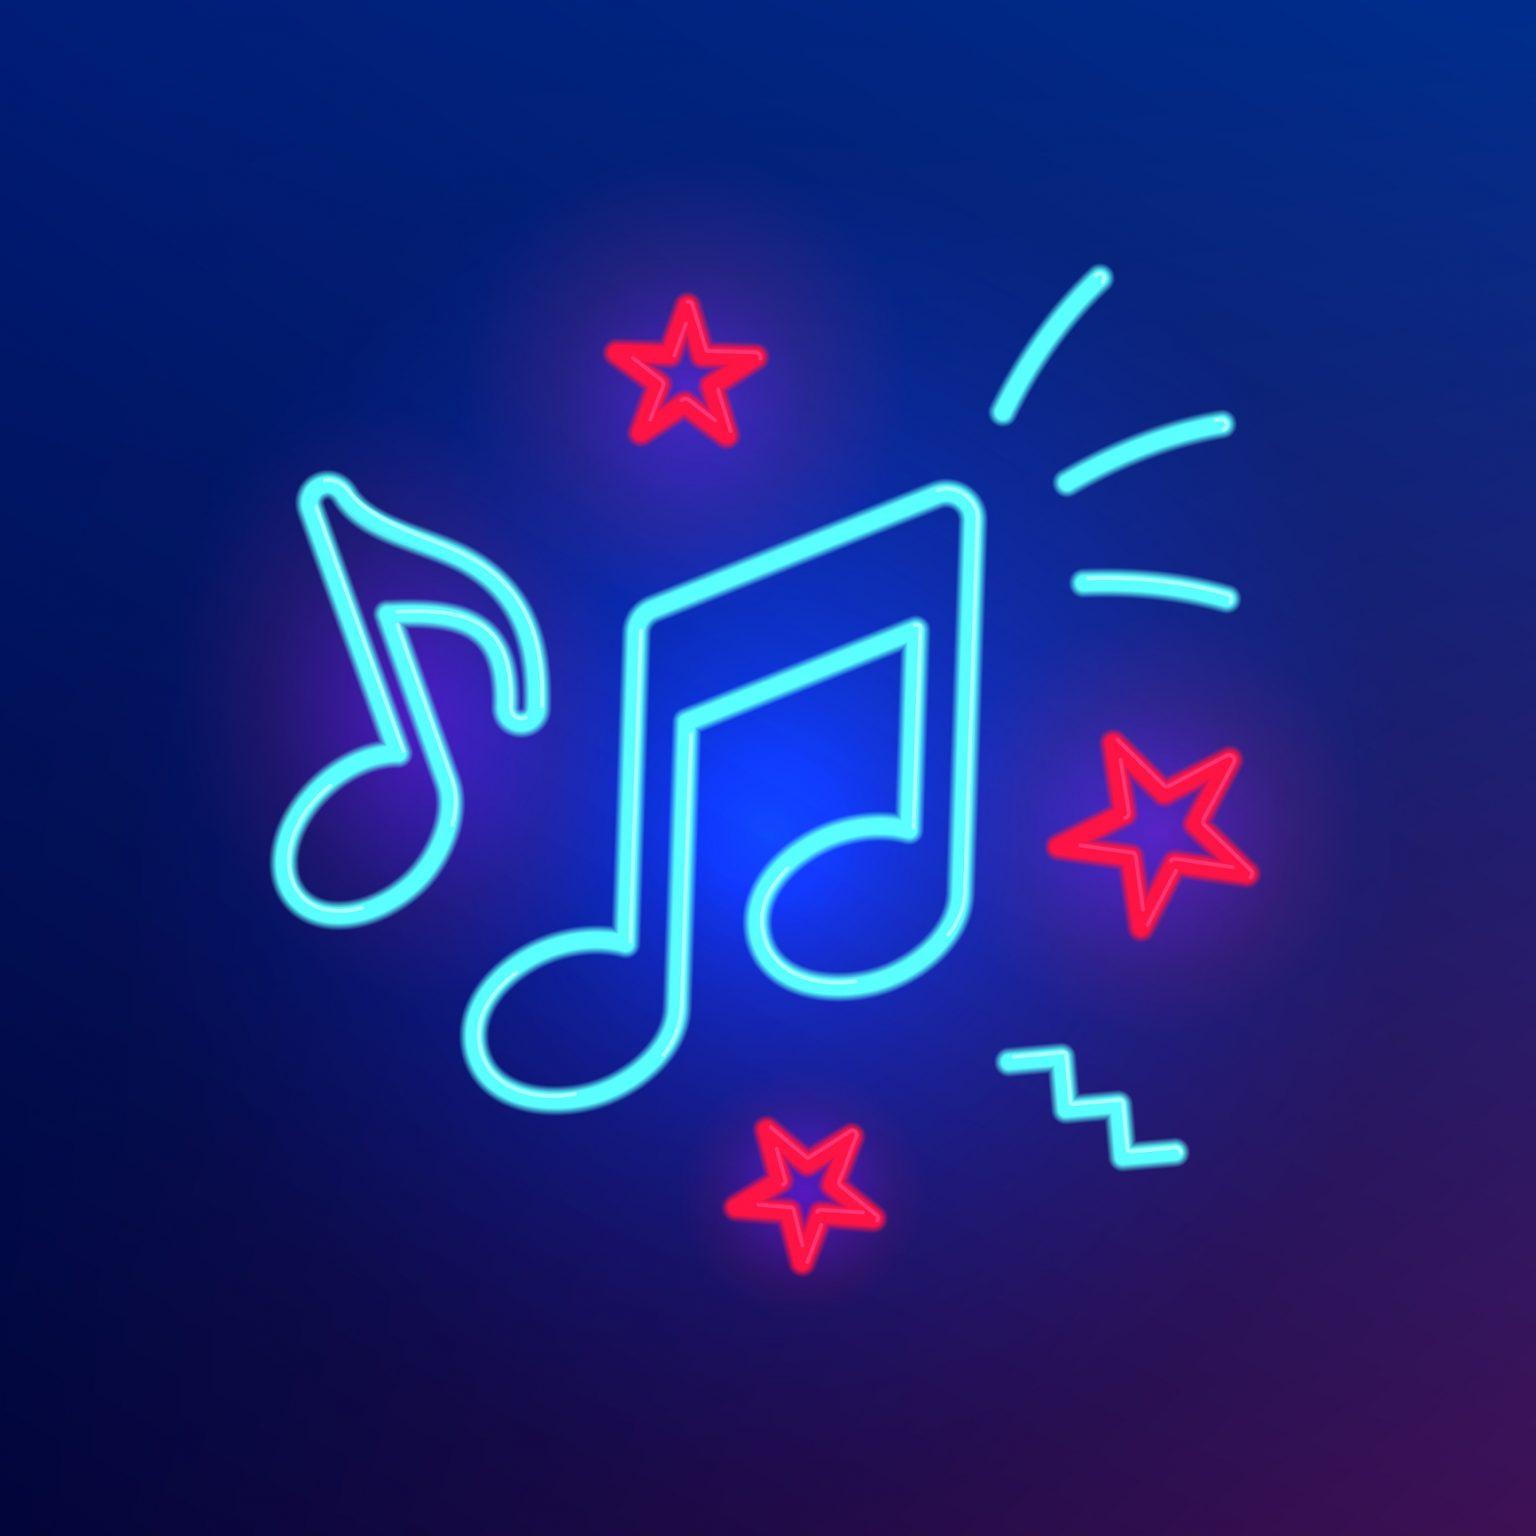 Des notes de musique qui font la fête